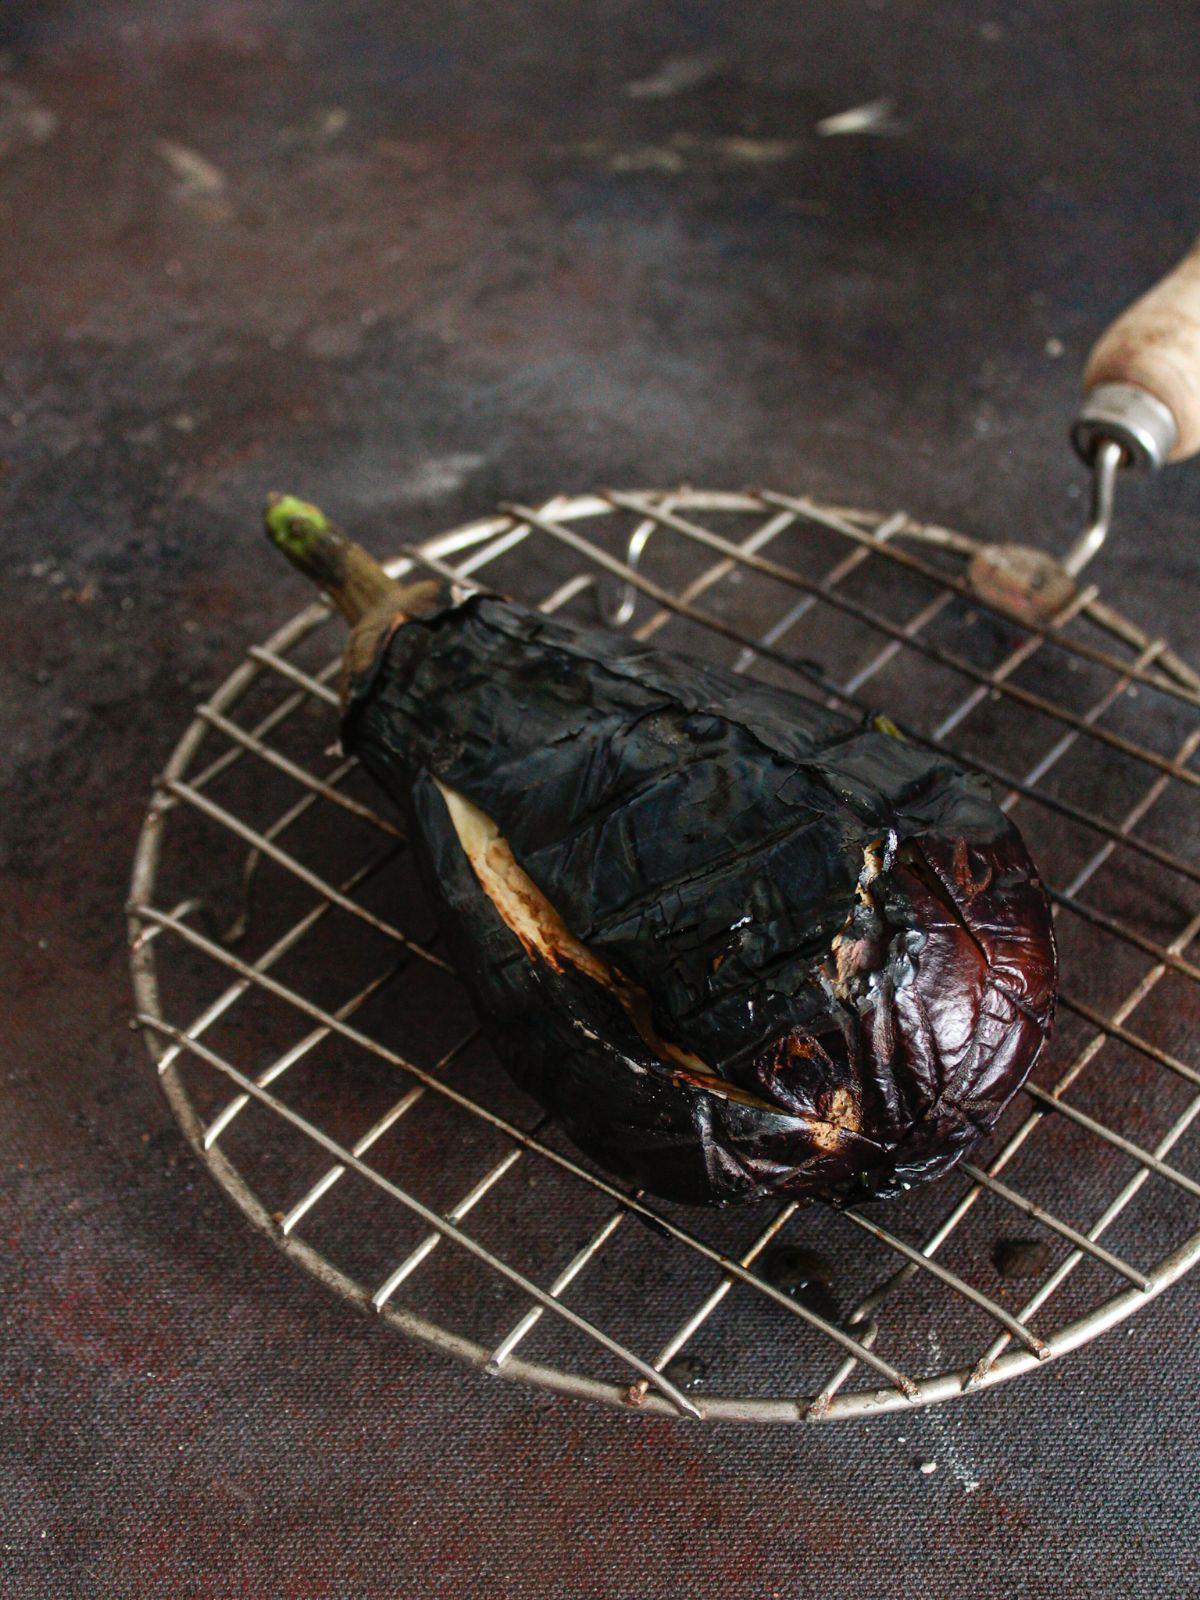 Roasted eggplant on wire rack